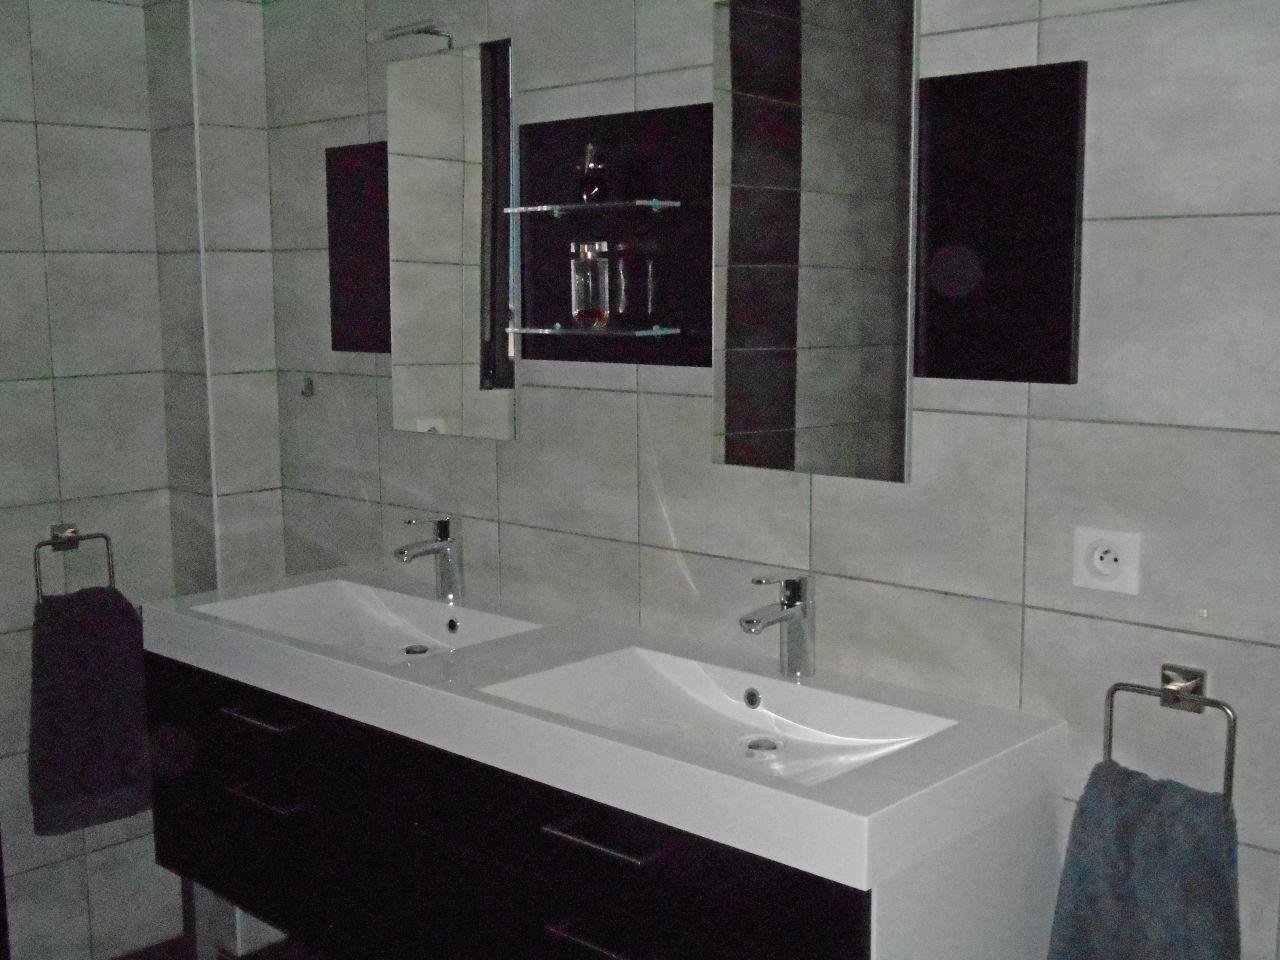 photo meuble de 160 cm avec double vasque d coration salle de bain salle d 39 eau haute. Black Bedroom Furniture Sets. Home Design Ideas